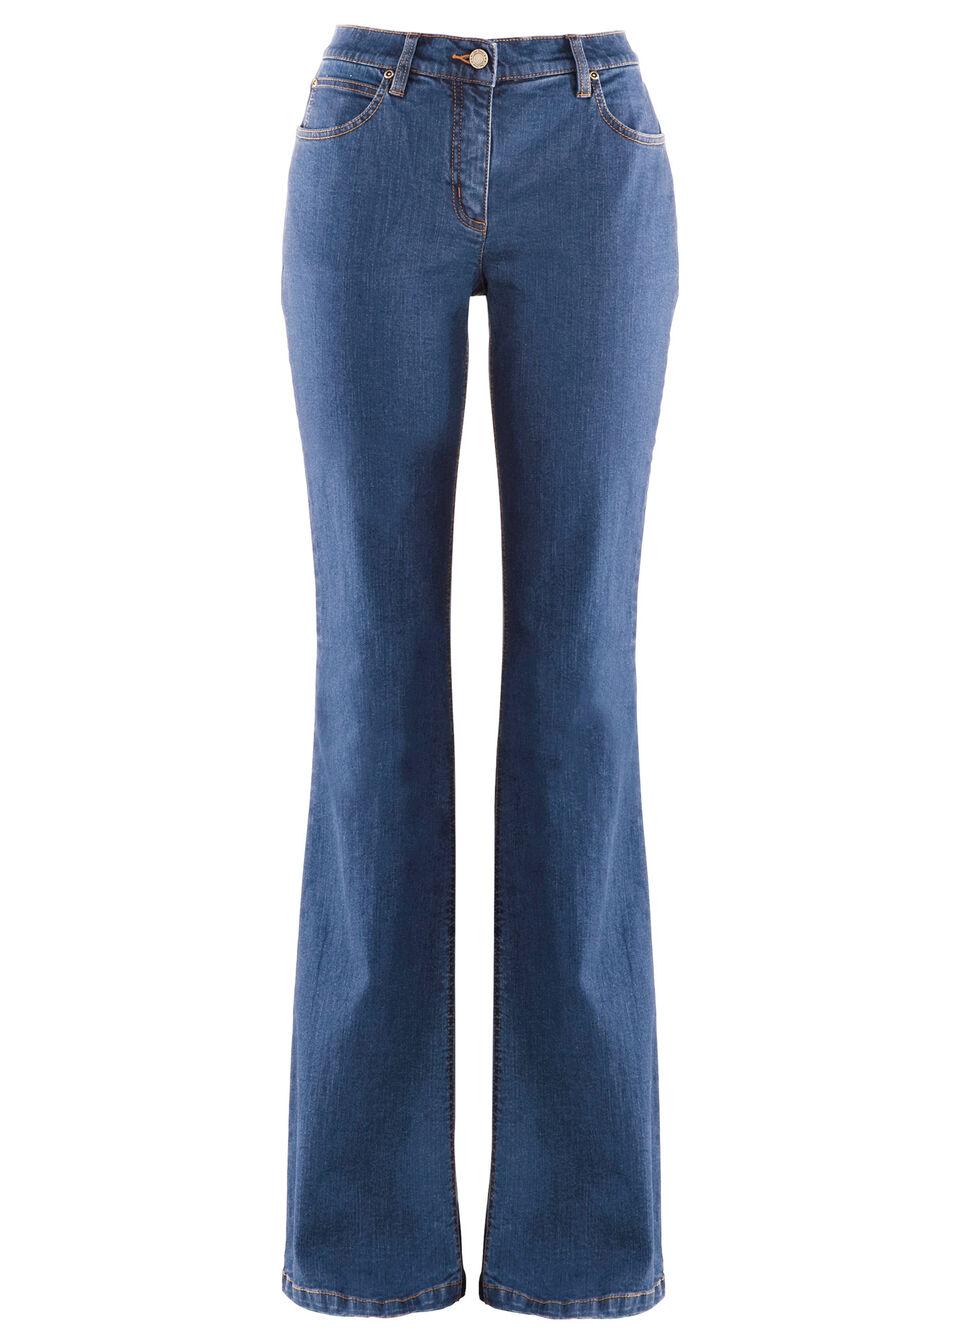 Jeans evazaţi stretch bonprix